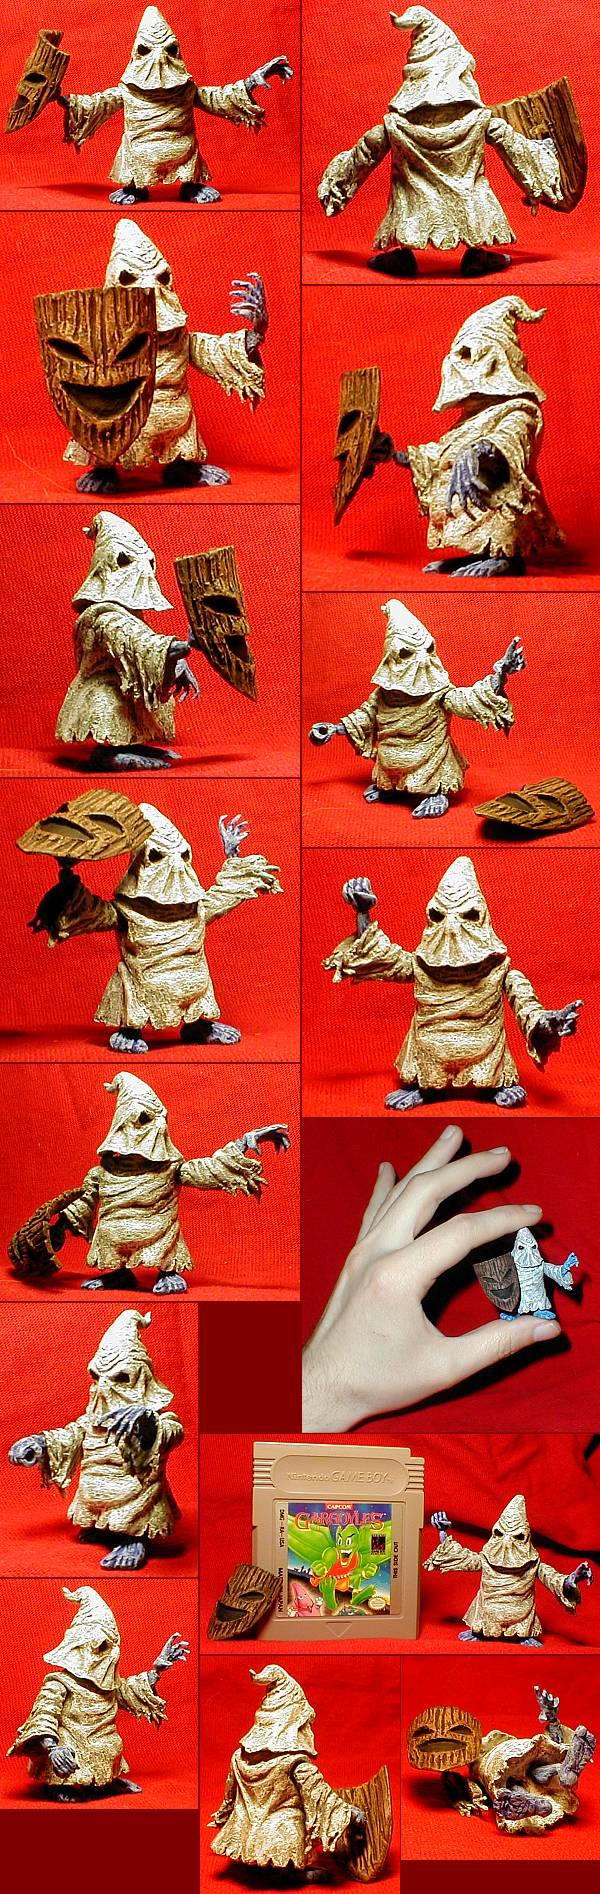 Schildgeist photo collage.